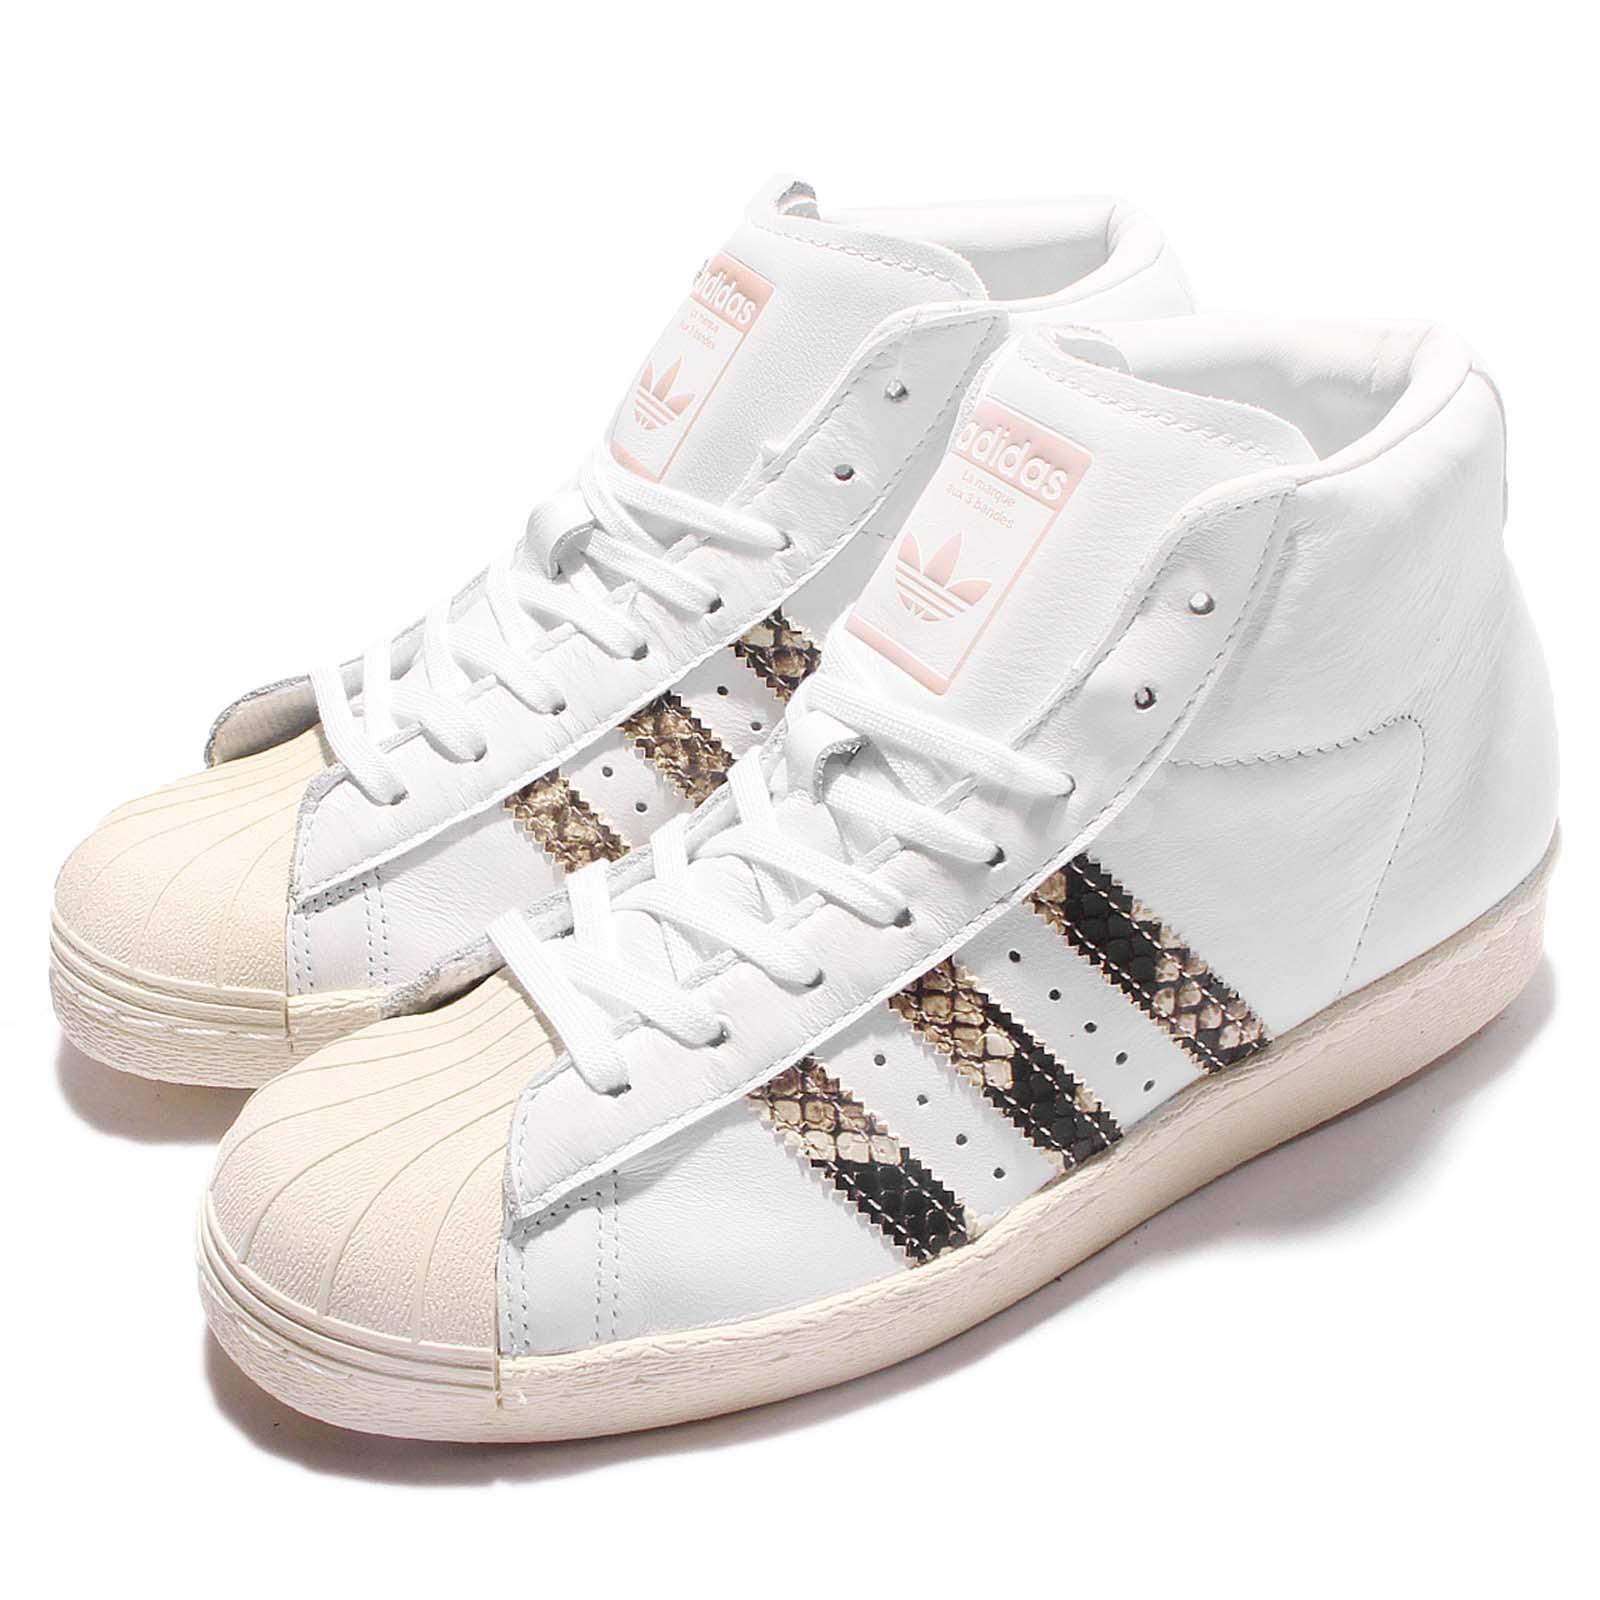 Adidas para mujer Promodel entrenadores Niñas Zapatos BB4946 BB4946 BB4946 versión de la superestrella  Para tu estilo de juego a los precios más baratos.